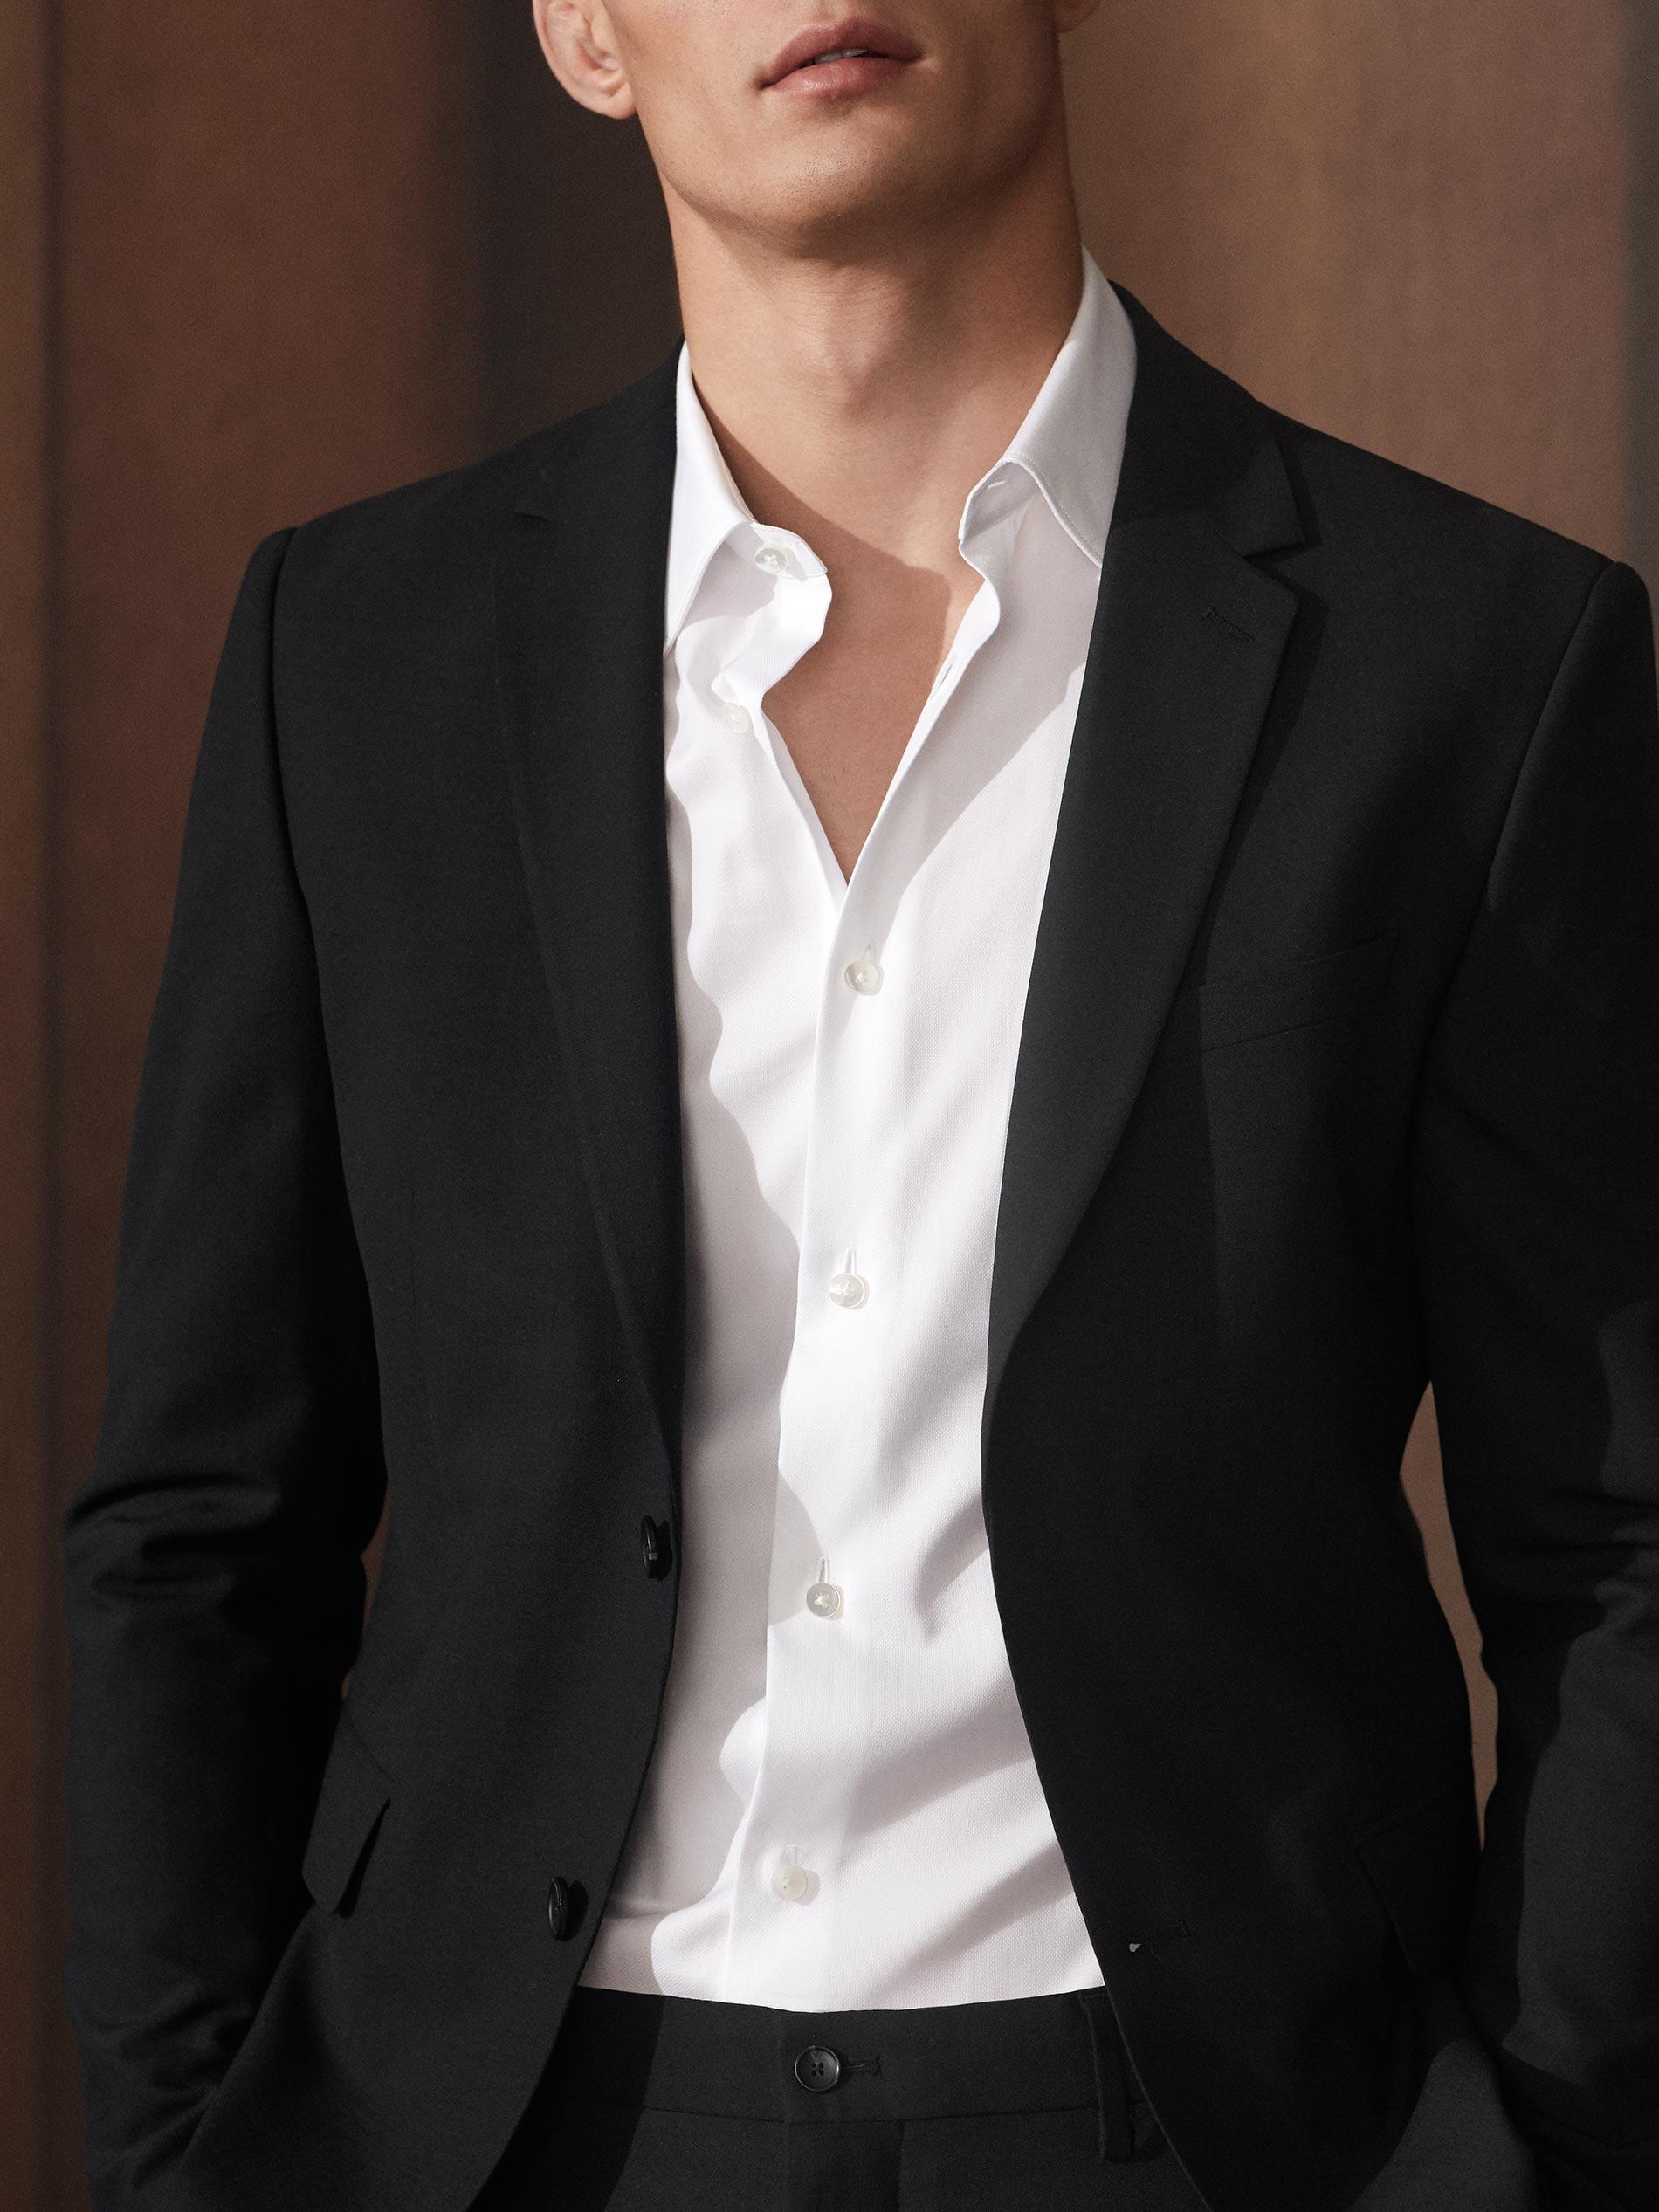 Mann trägt ein Jacket, eine Anzughose und ein weißes Hemd, es sind zwei Hemd-Knöpfe geöffnet, seine Brust ist sichtbar, aber kein Unterhemd ist zu erkennen